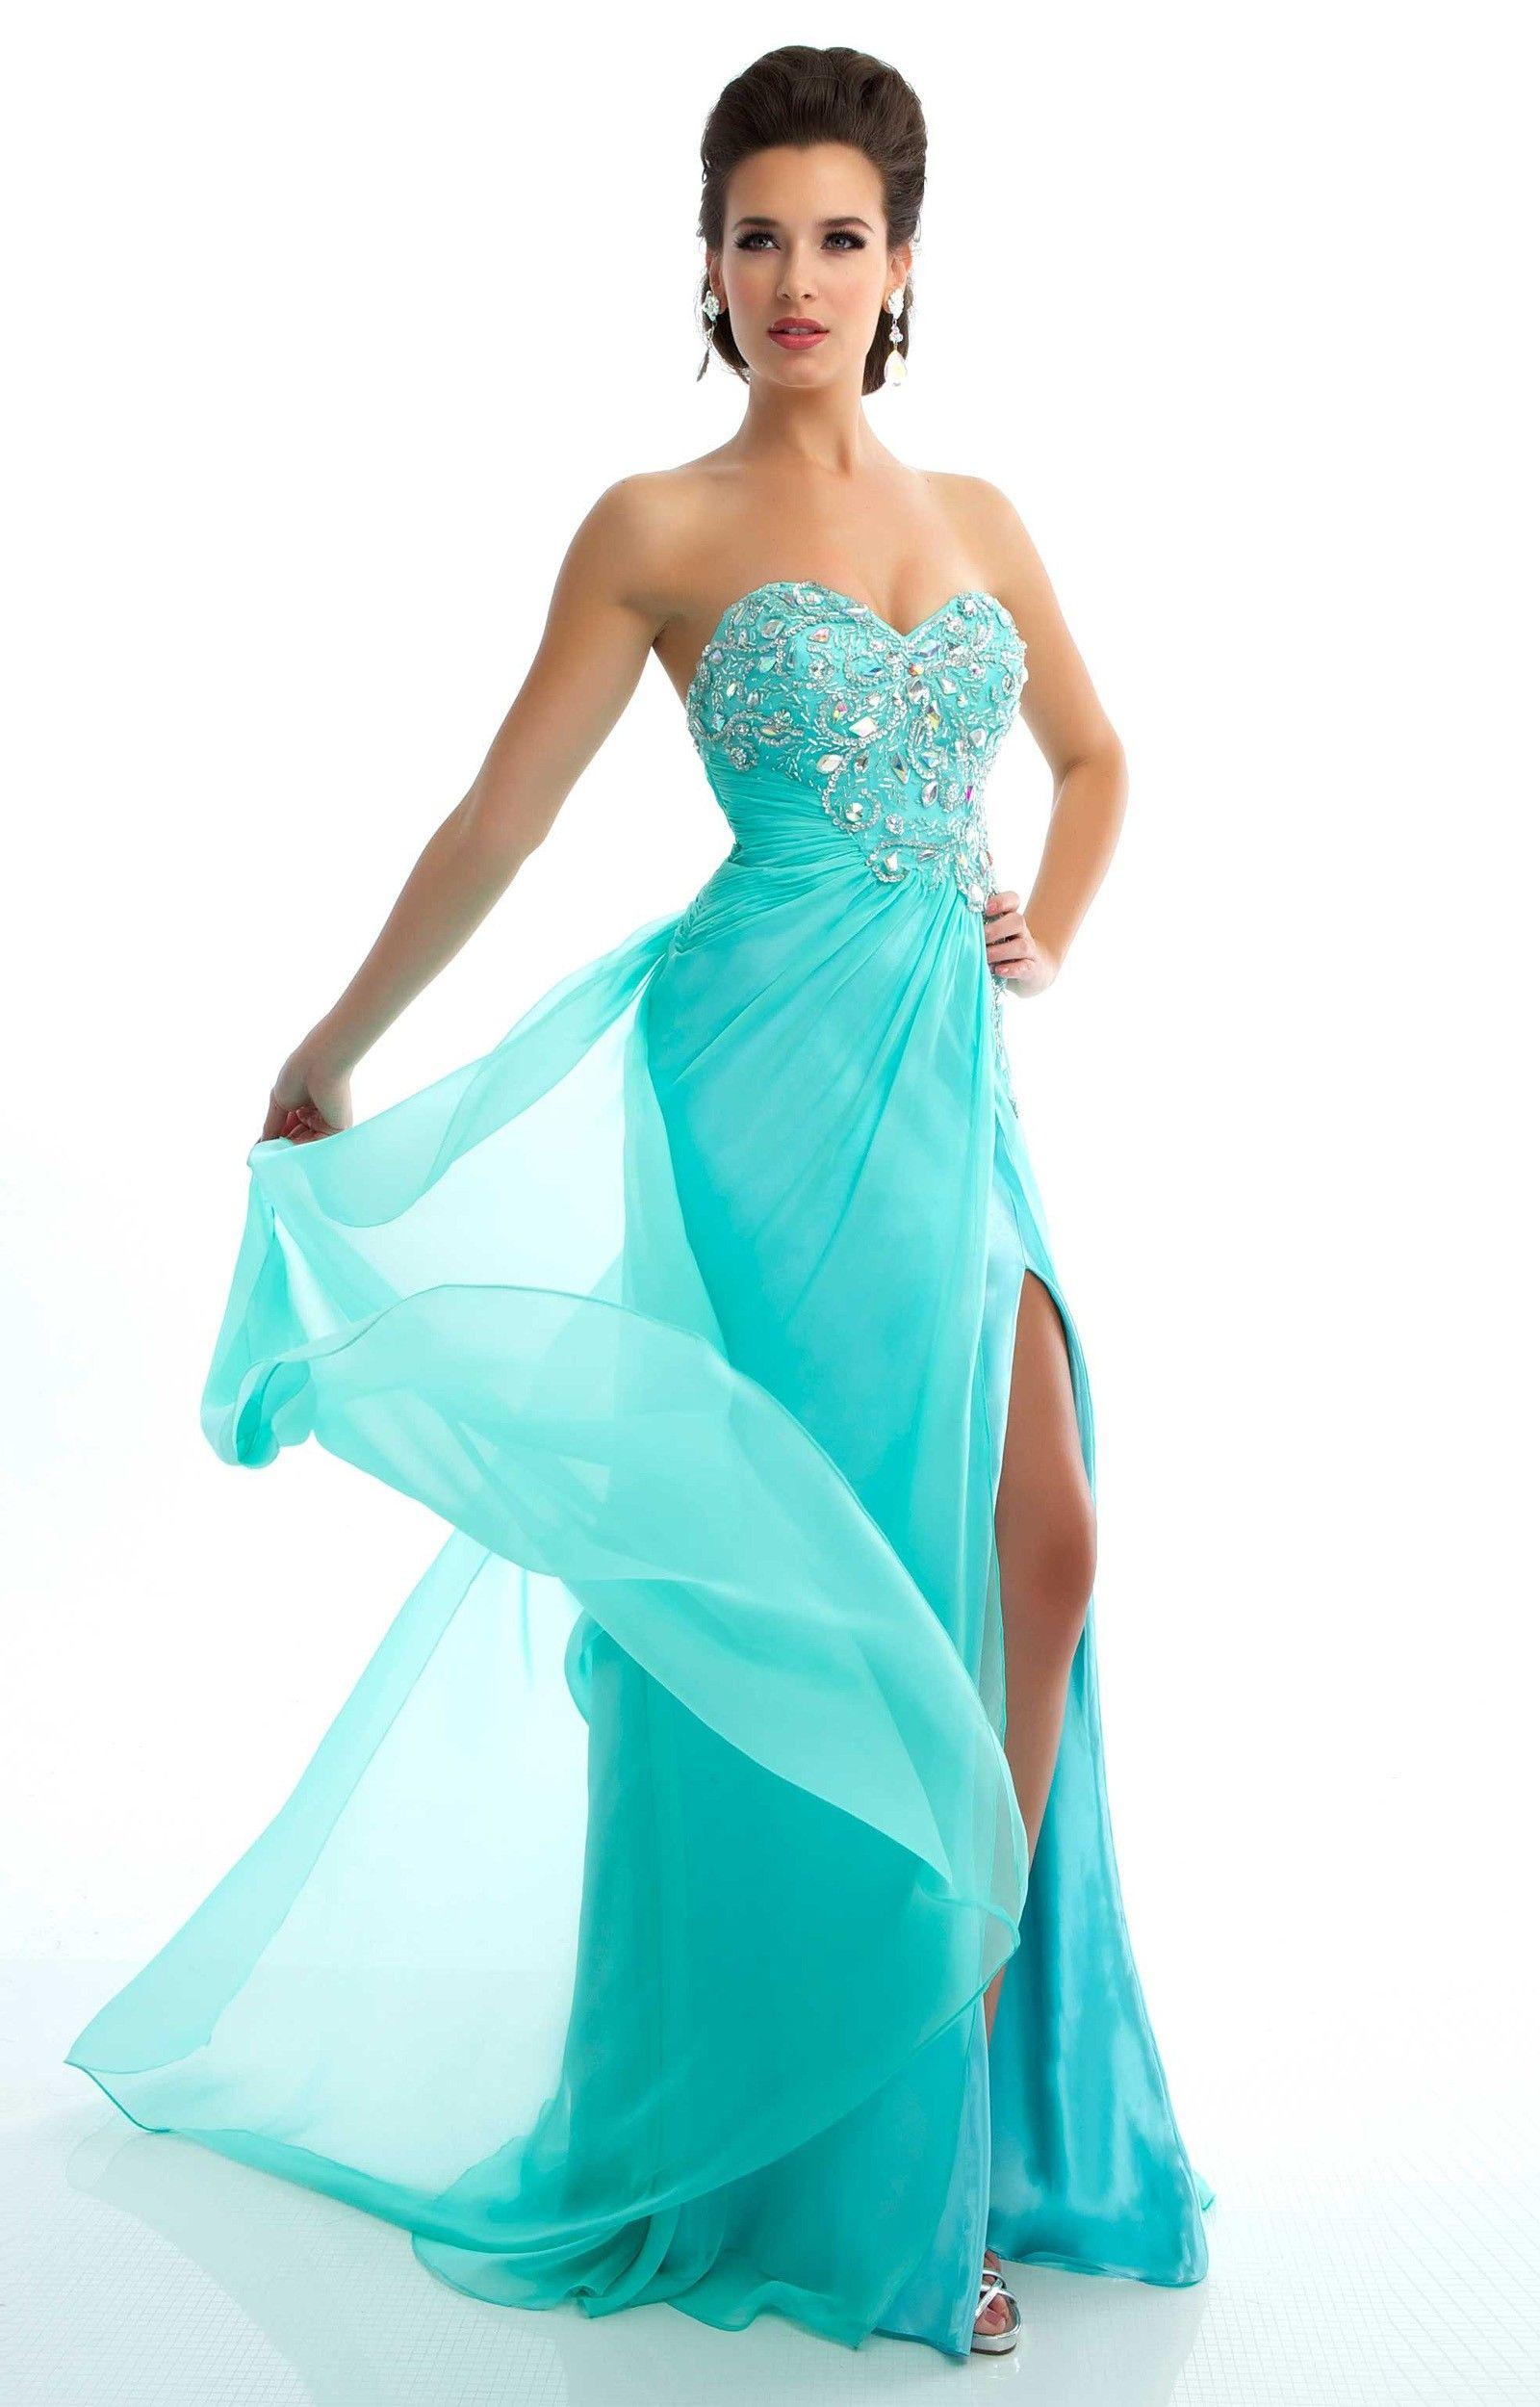 Nett Prom Kleid Sydney Bilder - Brautkleider Ideen - cashingy.info